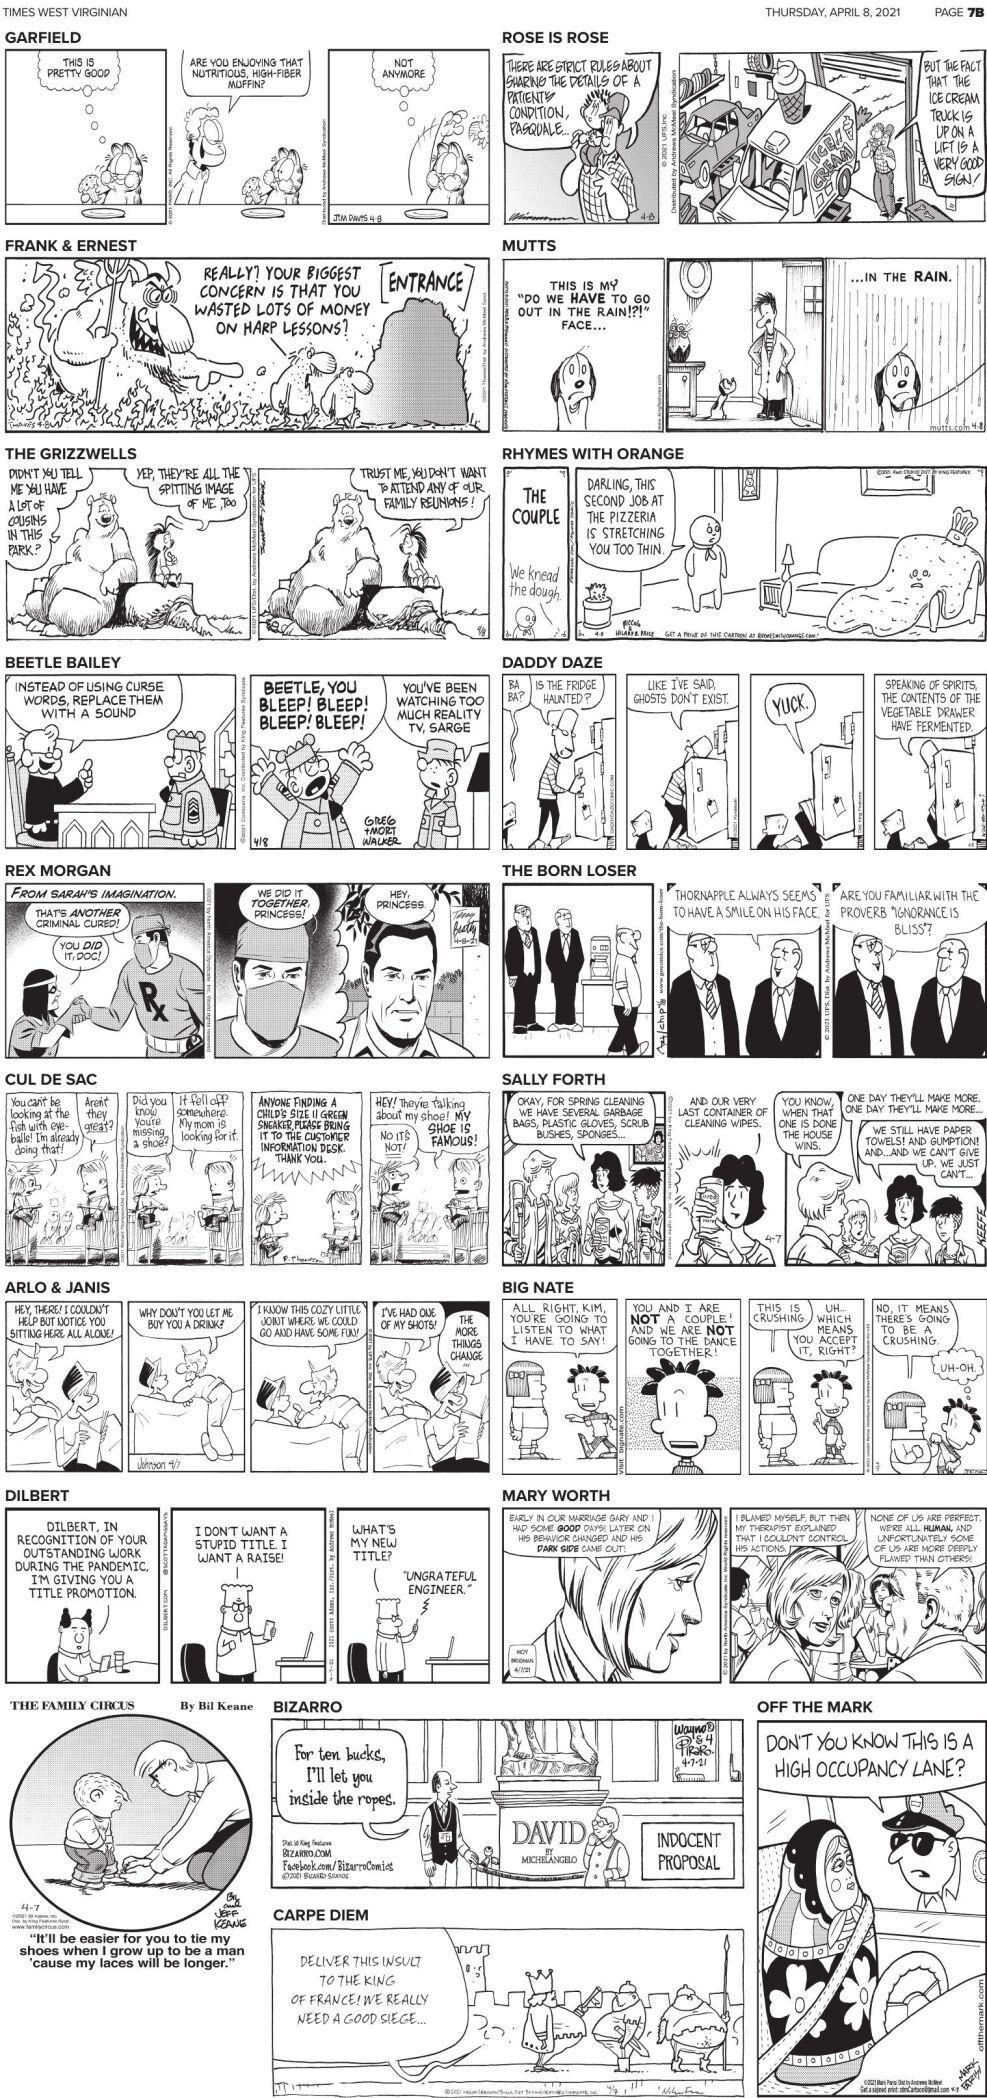 April 8 comics.pdf